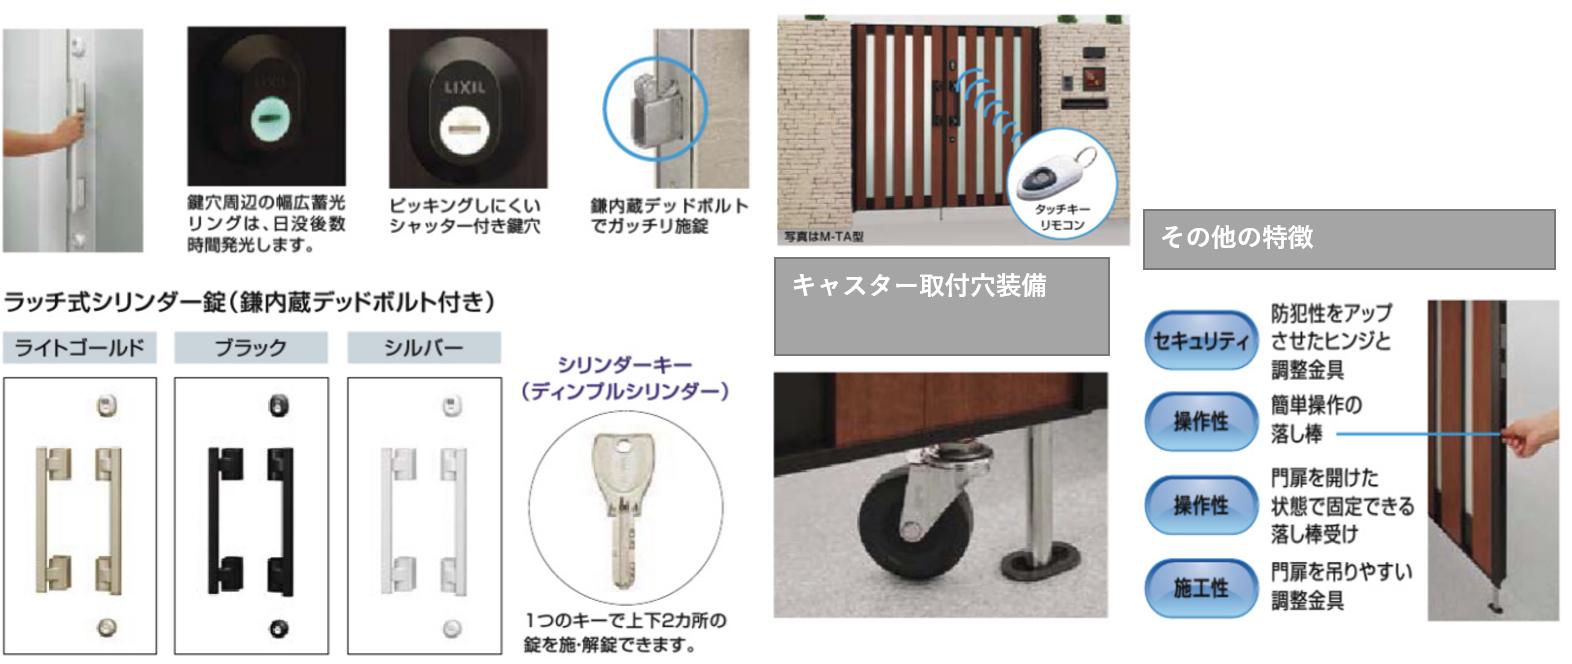 プッシュブルPU錠 長い把手が、さまざまな身長の方に使いやすいユニバーサルデザインの把手です。上下2ヵ所の施錠でセキュリティに配慮しています。親子仕様には掛け扉にのみ把手が付きます。 鍵穴周辺の幅広蓄光リングは、日没後数時間発行します。 ピッキングしにくいシャッター付き鍵穴 鎌内蔵デッドボルトでガッチリ施錠 ラッチ式シリンダー錠(鎌内蔵デッドボルト付き) ライトゴールド ブラック シルバー シリンダーキー(ディンプルシリンダー) 1つのキーで上下2ヵ所のカギを施・解錠できます。 親子仕様も含めた全タイプにタッチ&ノータッチキー門扉が対応 タッチキーリモコンを携帯して門扉に近づくだけで開錠、門扉から離れると自動的に施錠します(配線式のみ)。雨の日や荷物が多い時には便利な機能です。 キャスター取付穴装備 その他の特徴 セキュリティ 防犯性をアップあせたヒンジと調整金具 操作性 簡単操作の落し棒 操作性 門扉を開けた状態で固定できる落し棒受け 施工性 門扉を吊りやすい調整金具